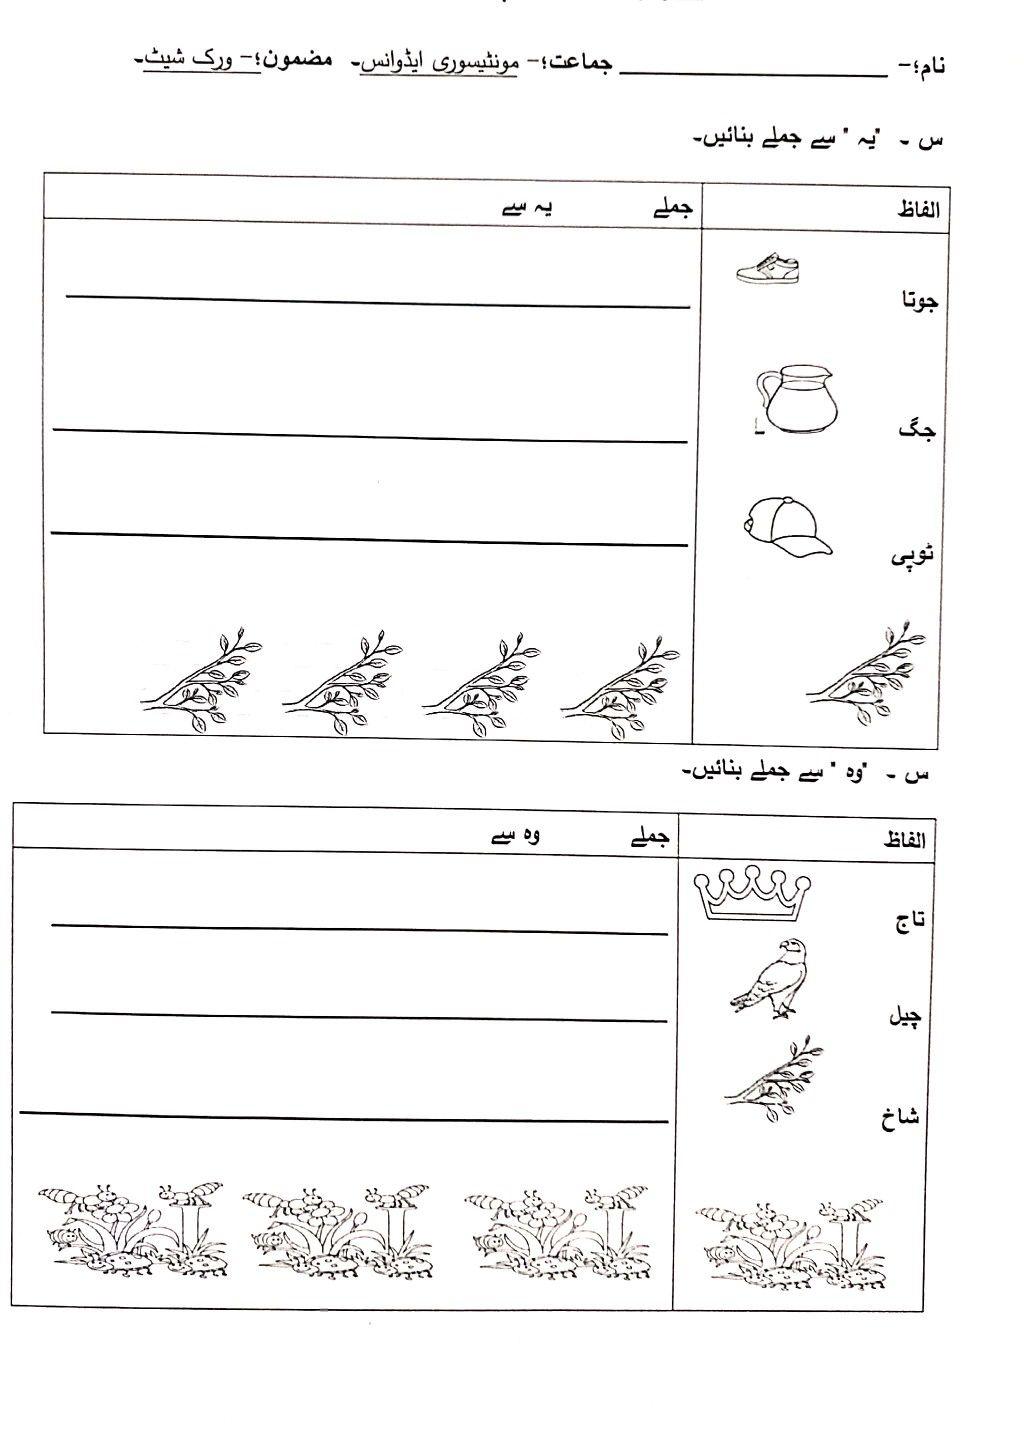 medium resolution of Urdu 5th Grade Worksheet   Printable Worksheets and Activities for  Teachers